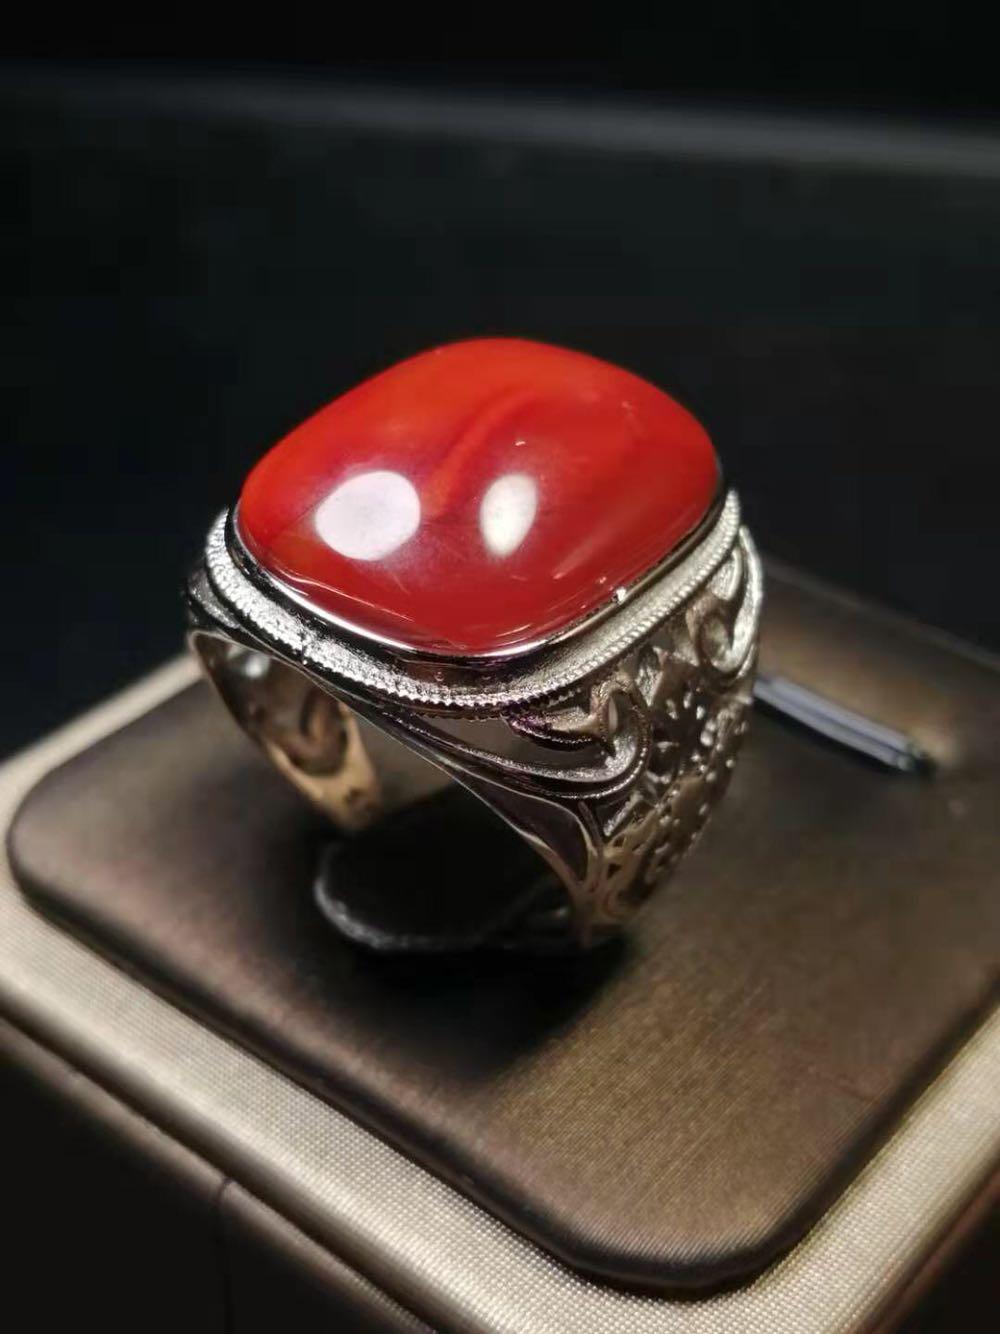 凉山南红玛瑙戒指天然川料满肉柿子红霸气时尚保真男士红宝石戒指